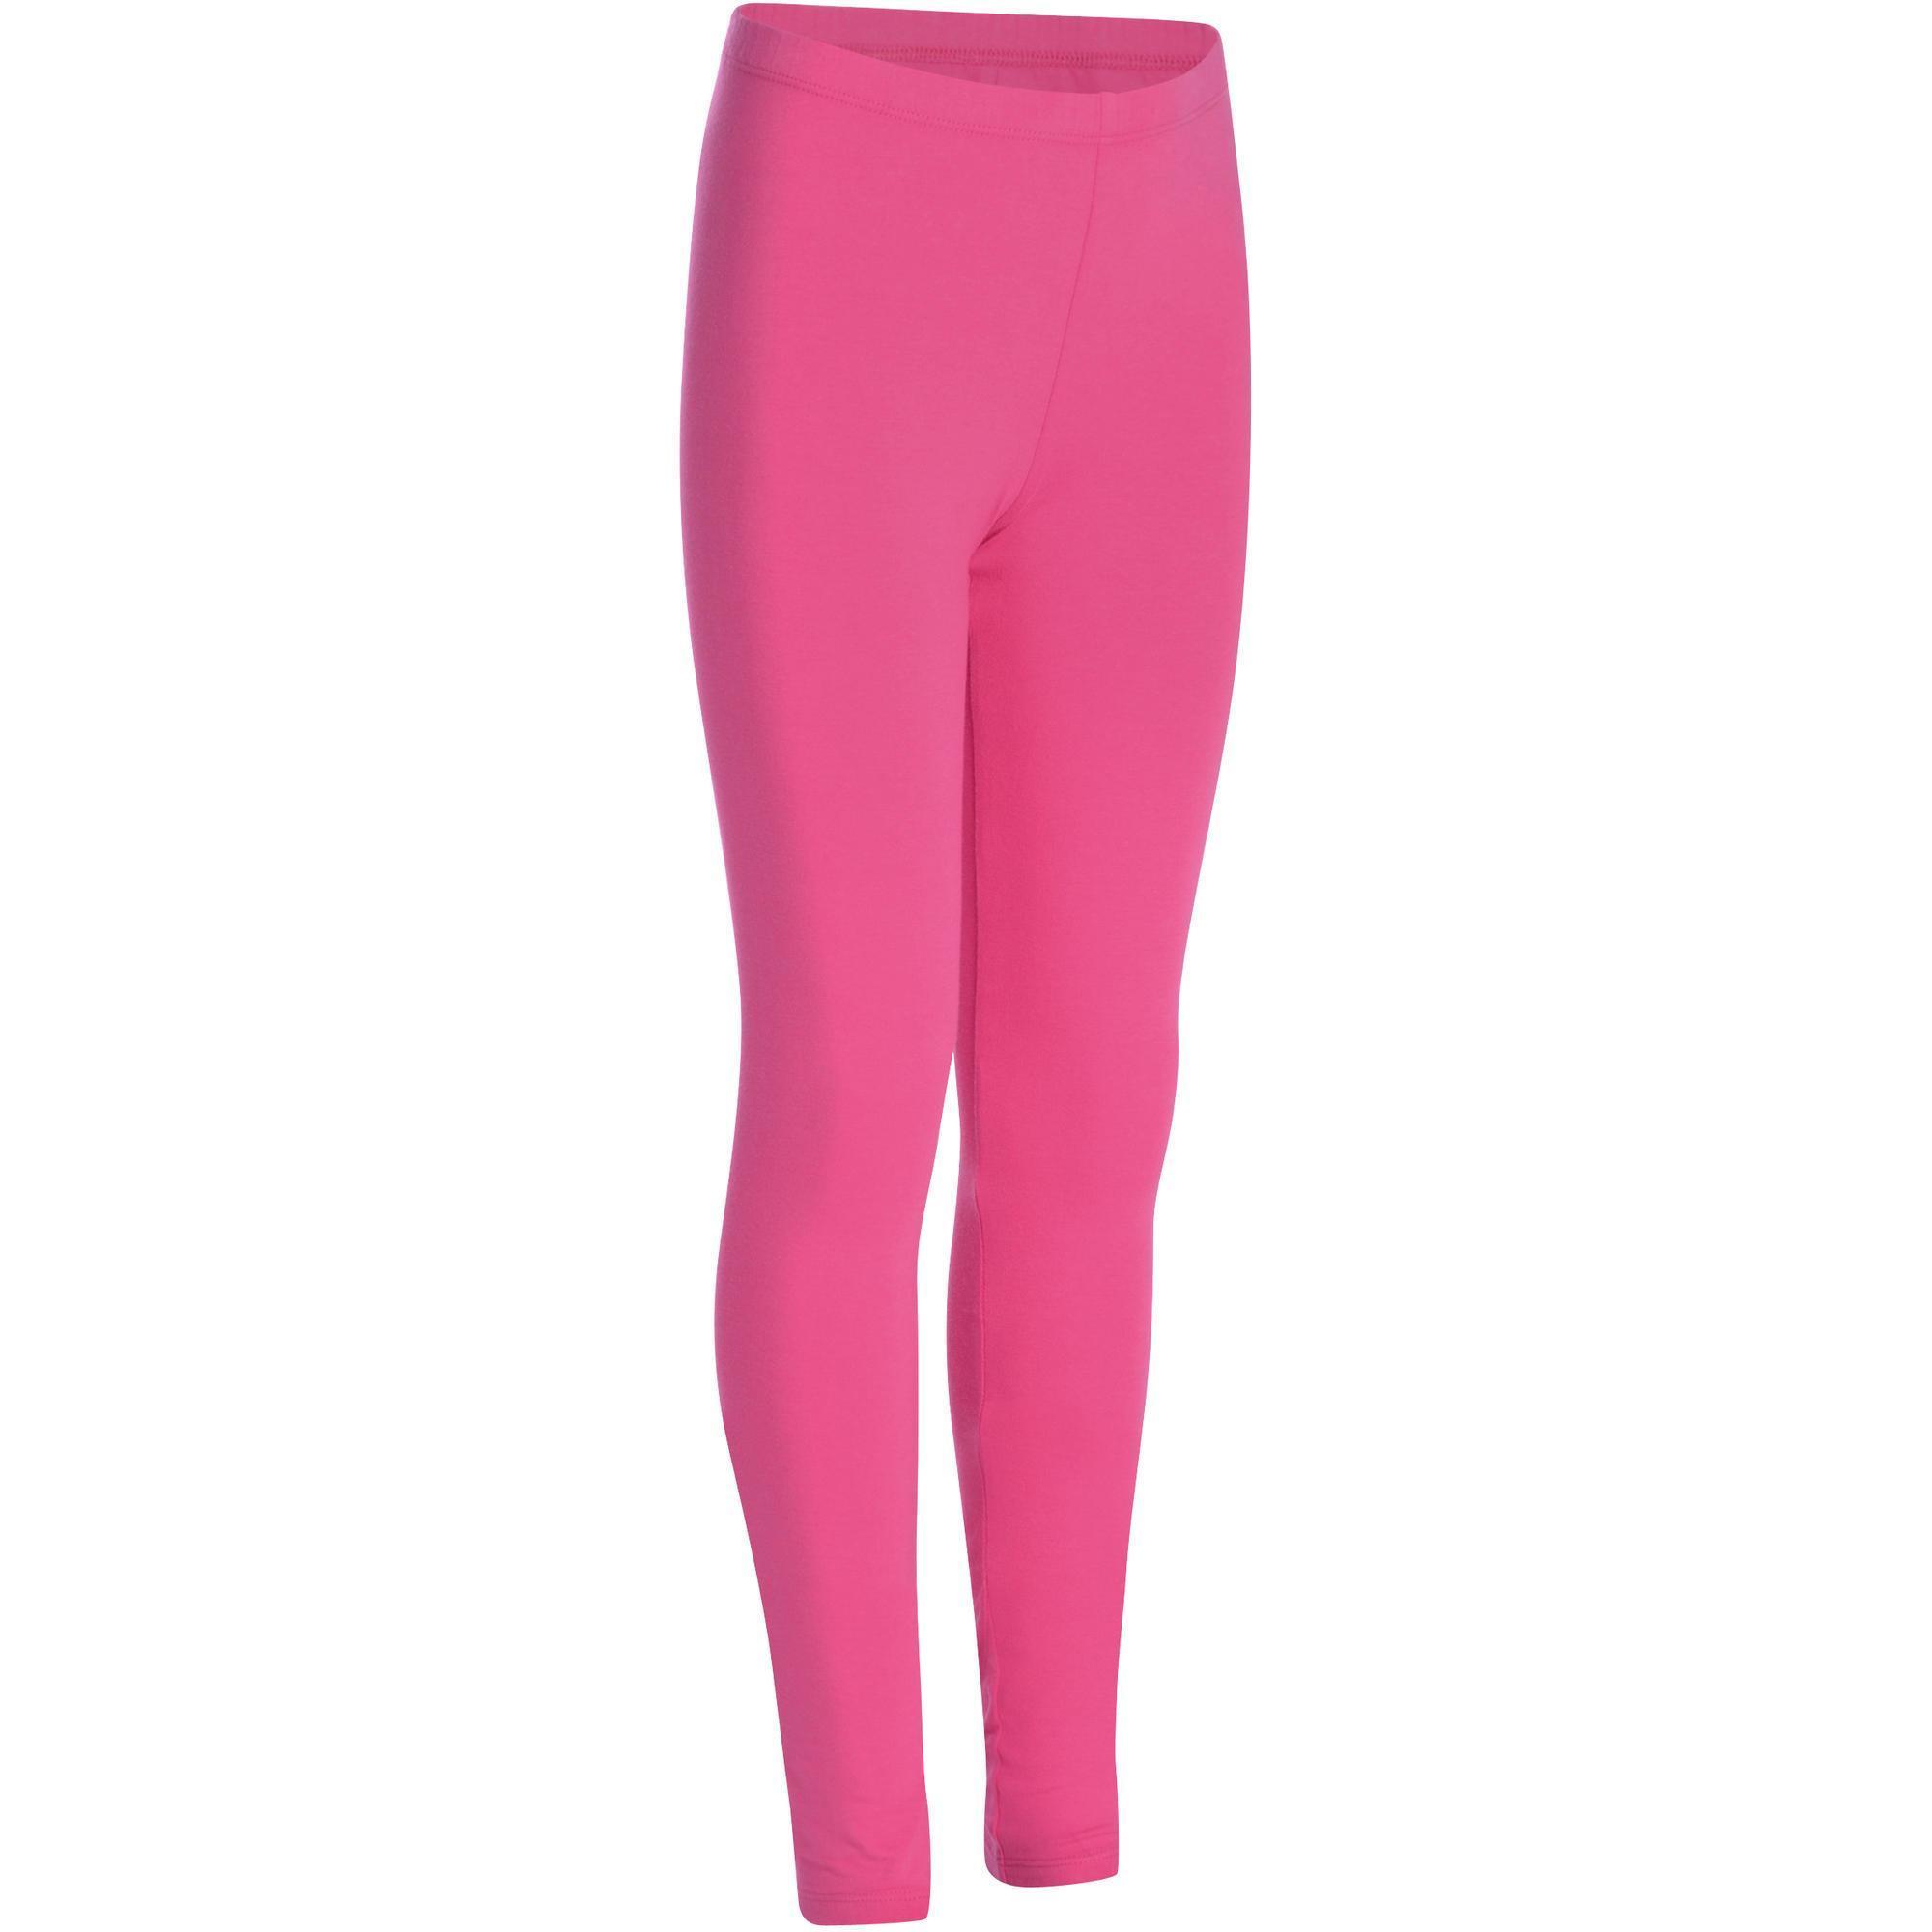 f85c246e6a Girls' Gym Leggings - Pink | Domyos by Decathlon